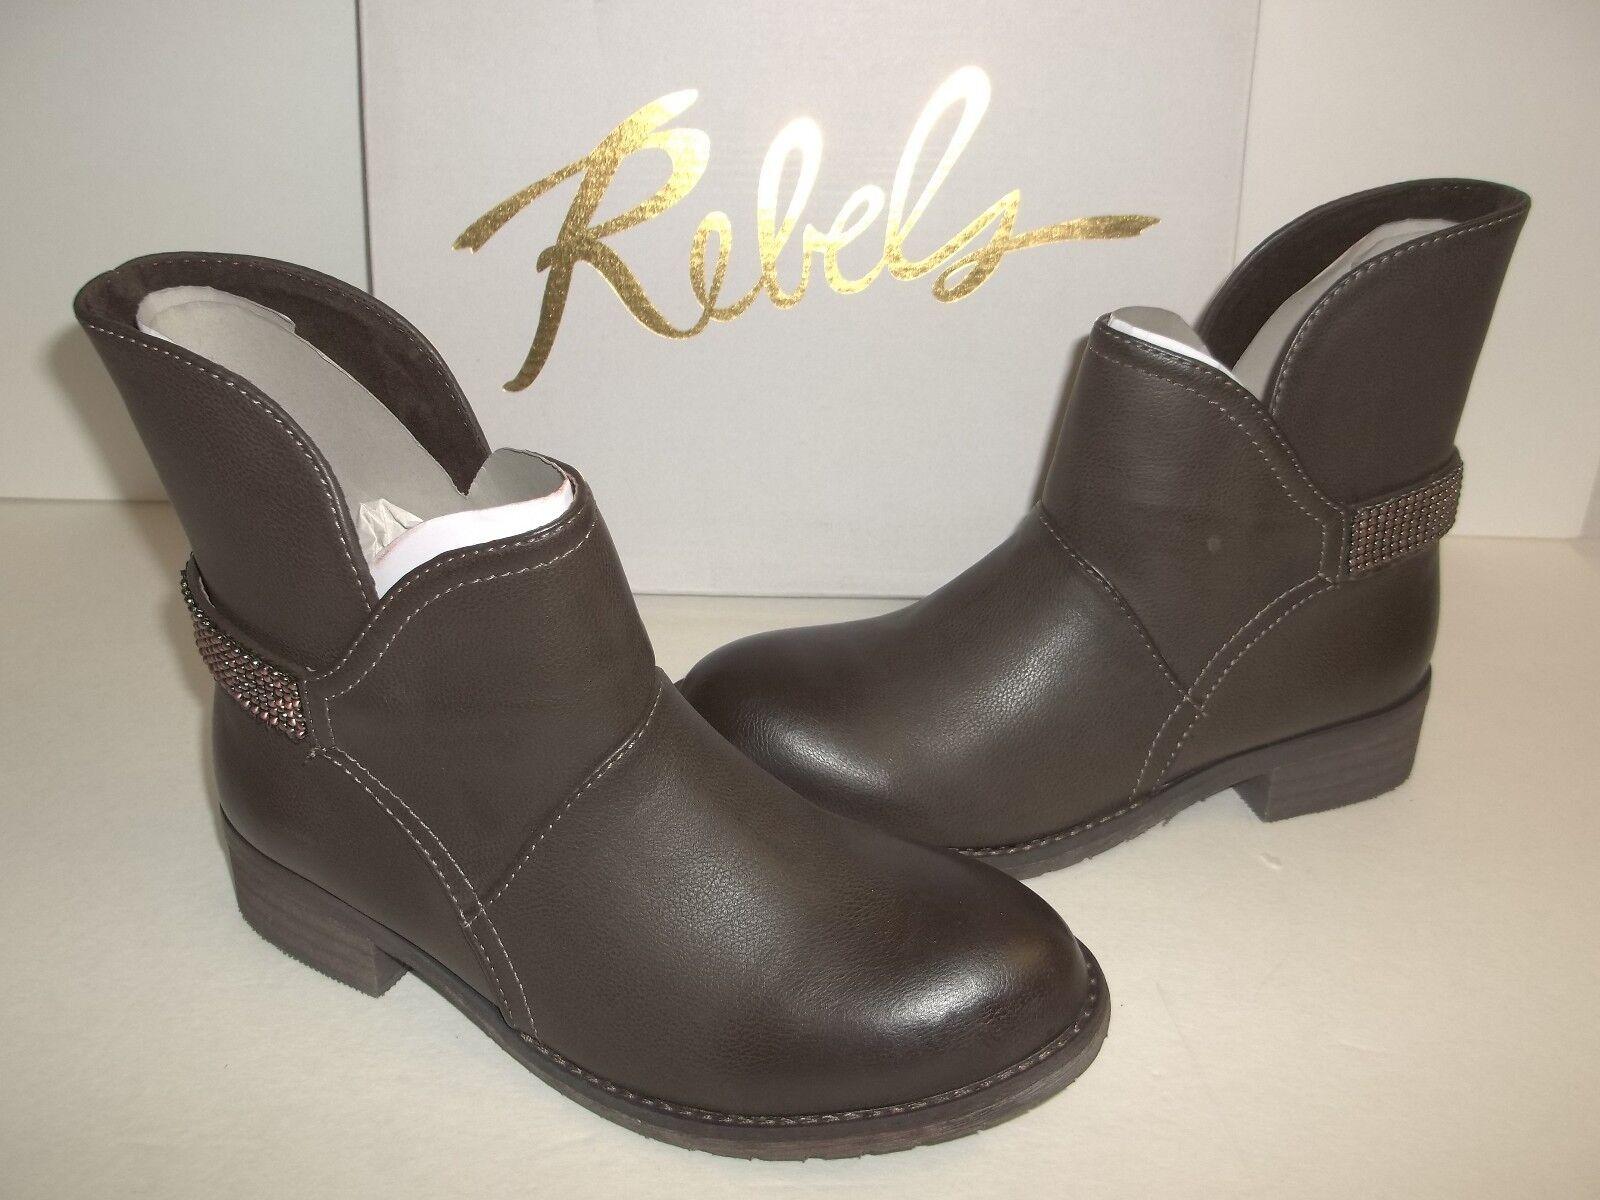 Rebels Größe 7 M Ellis Taupe Braun Schuhes Ankle Stiefel New Damenschuhe Schuhes Braun c32a48